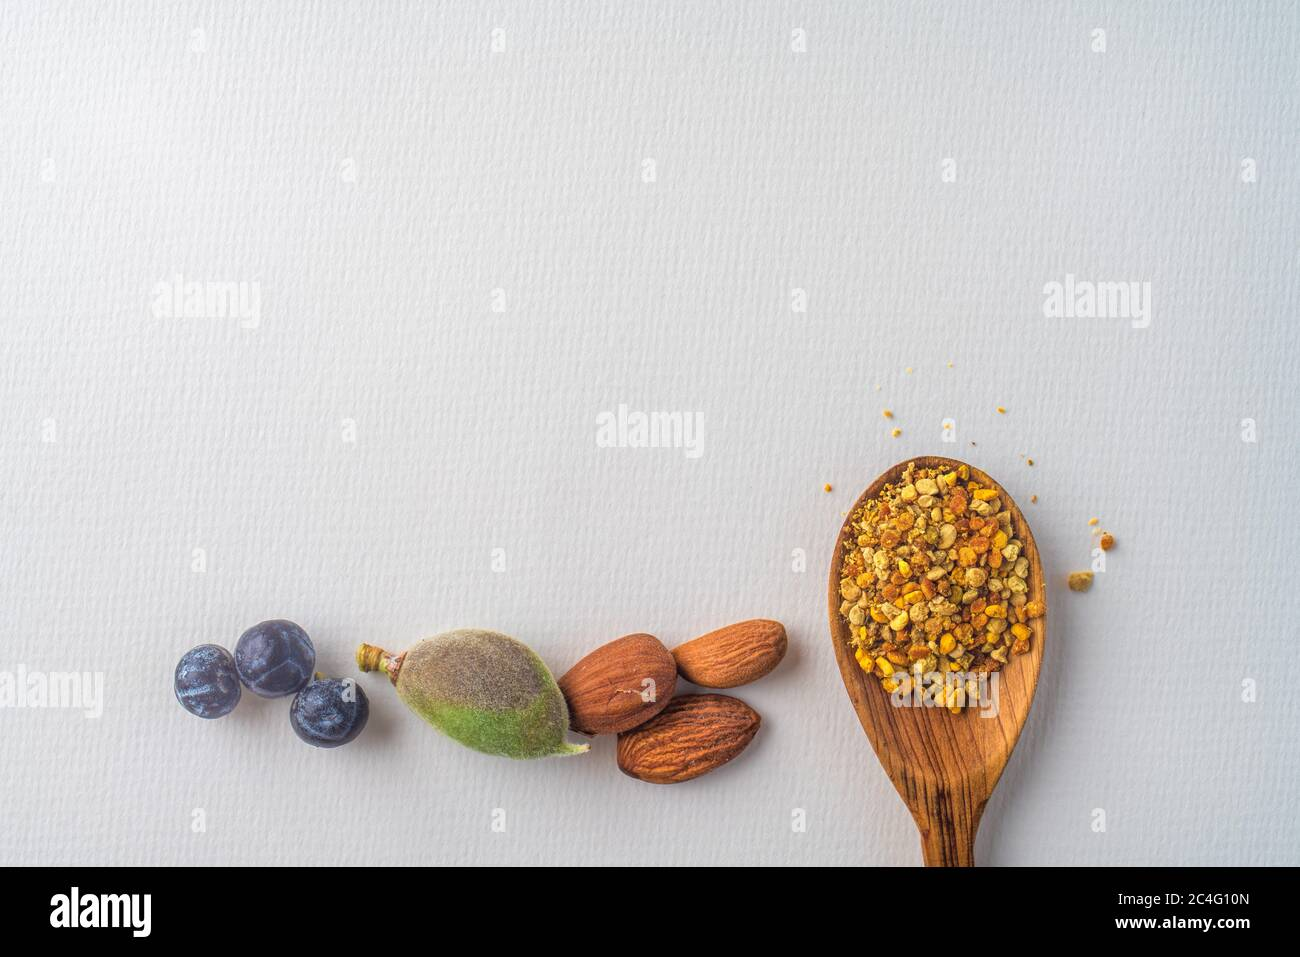 Trois baies anciennes de genévrier bleu, amandes noix et pollen d'abeille dans une cuillère en bois au printemps, isolées sur papier blanc texturé. Copier l'espace. Régime équilibré Banque D'Images